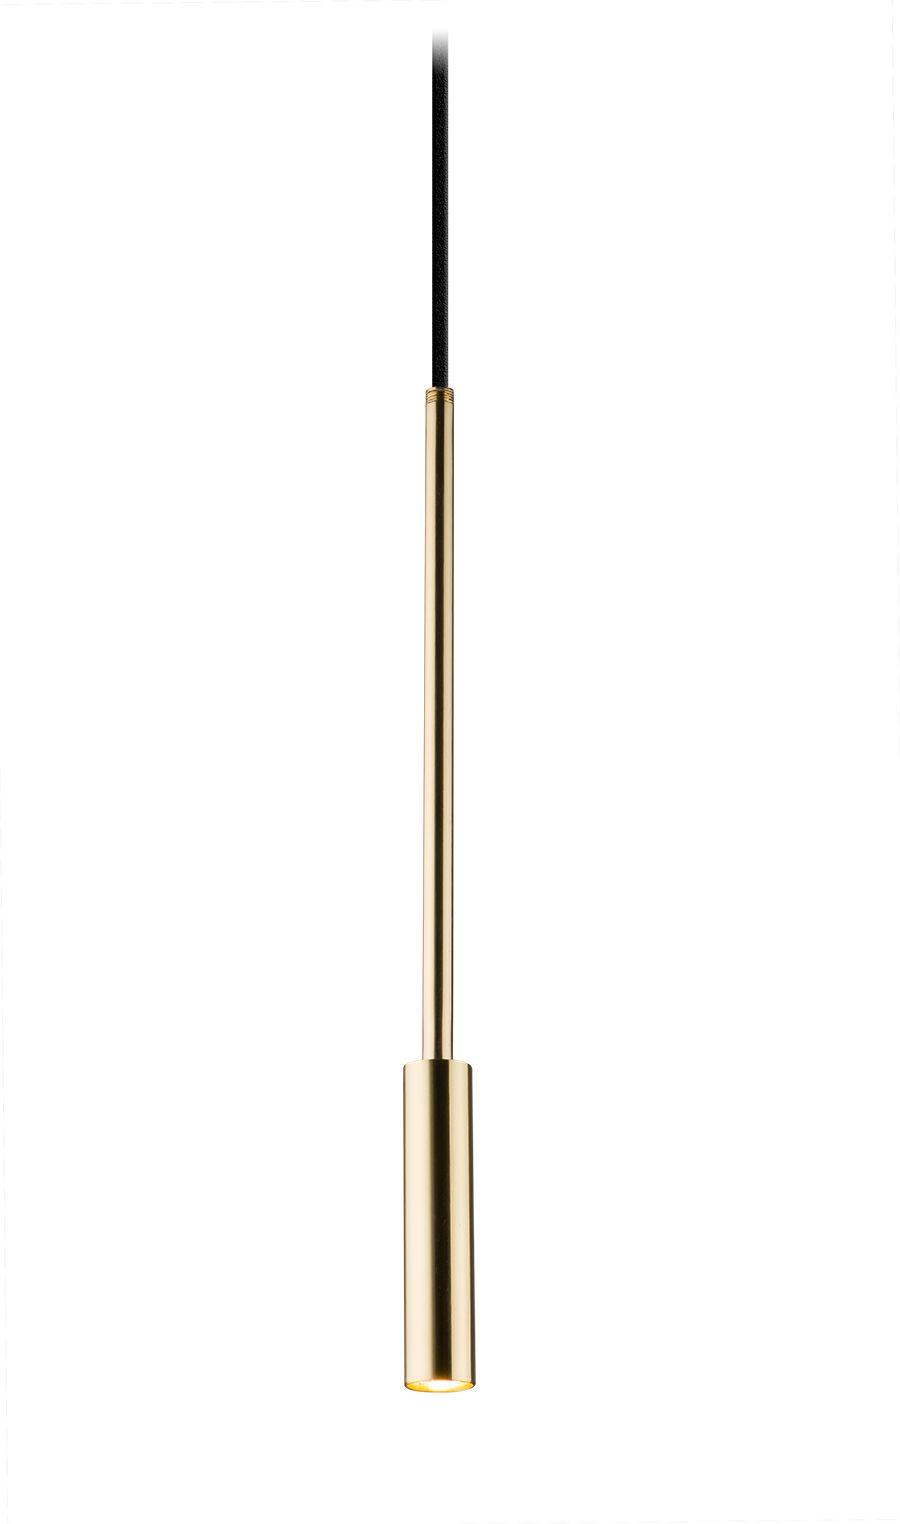 Lampa wisząca Lara 0660 Amplex pojedyncza oprawa w kolorze złotym